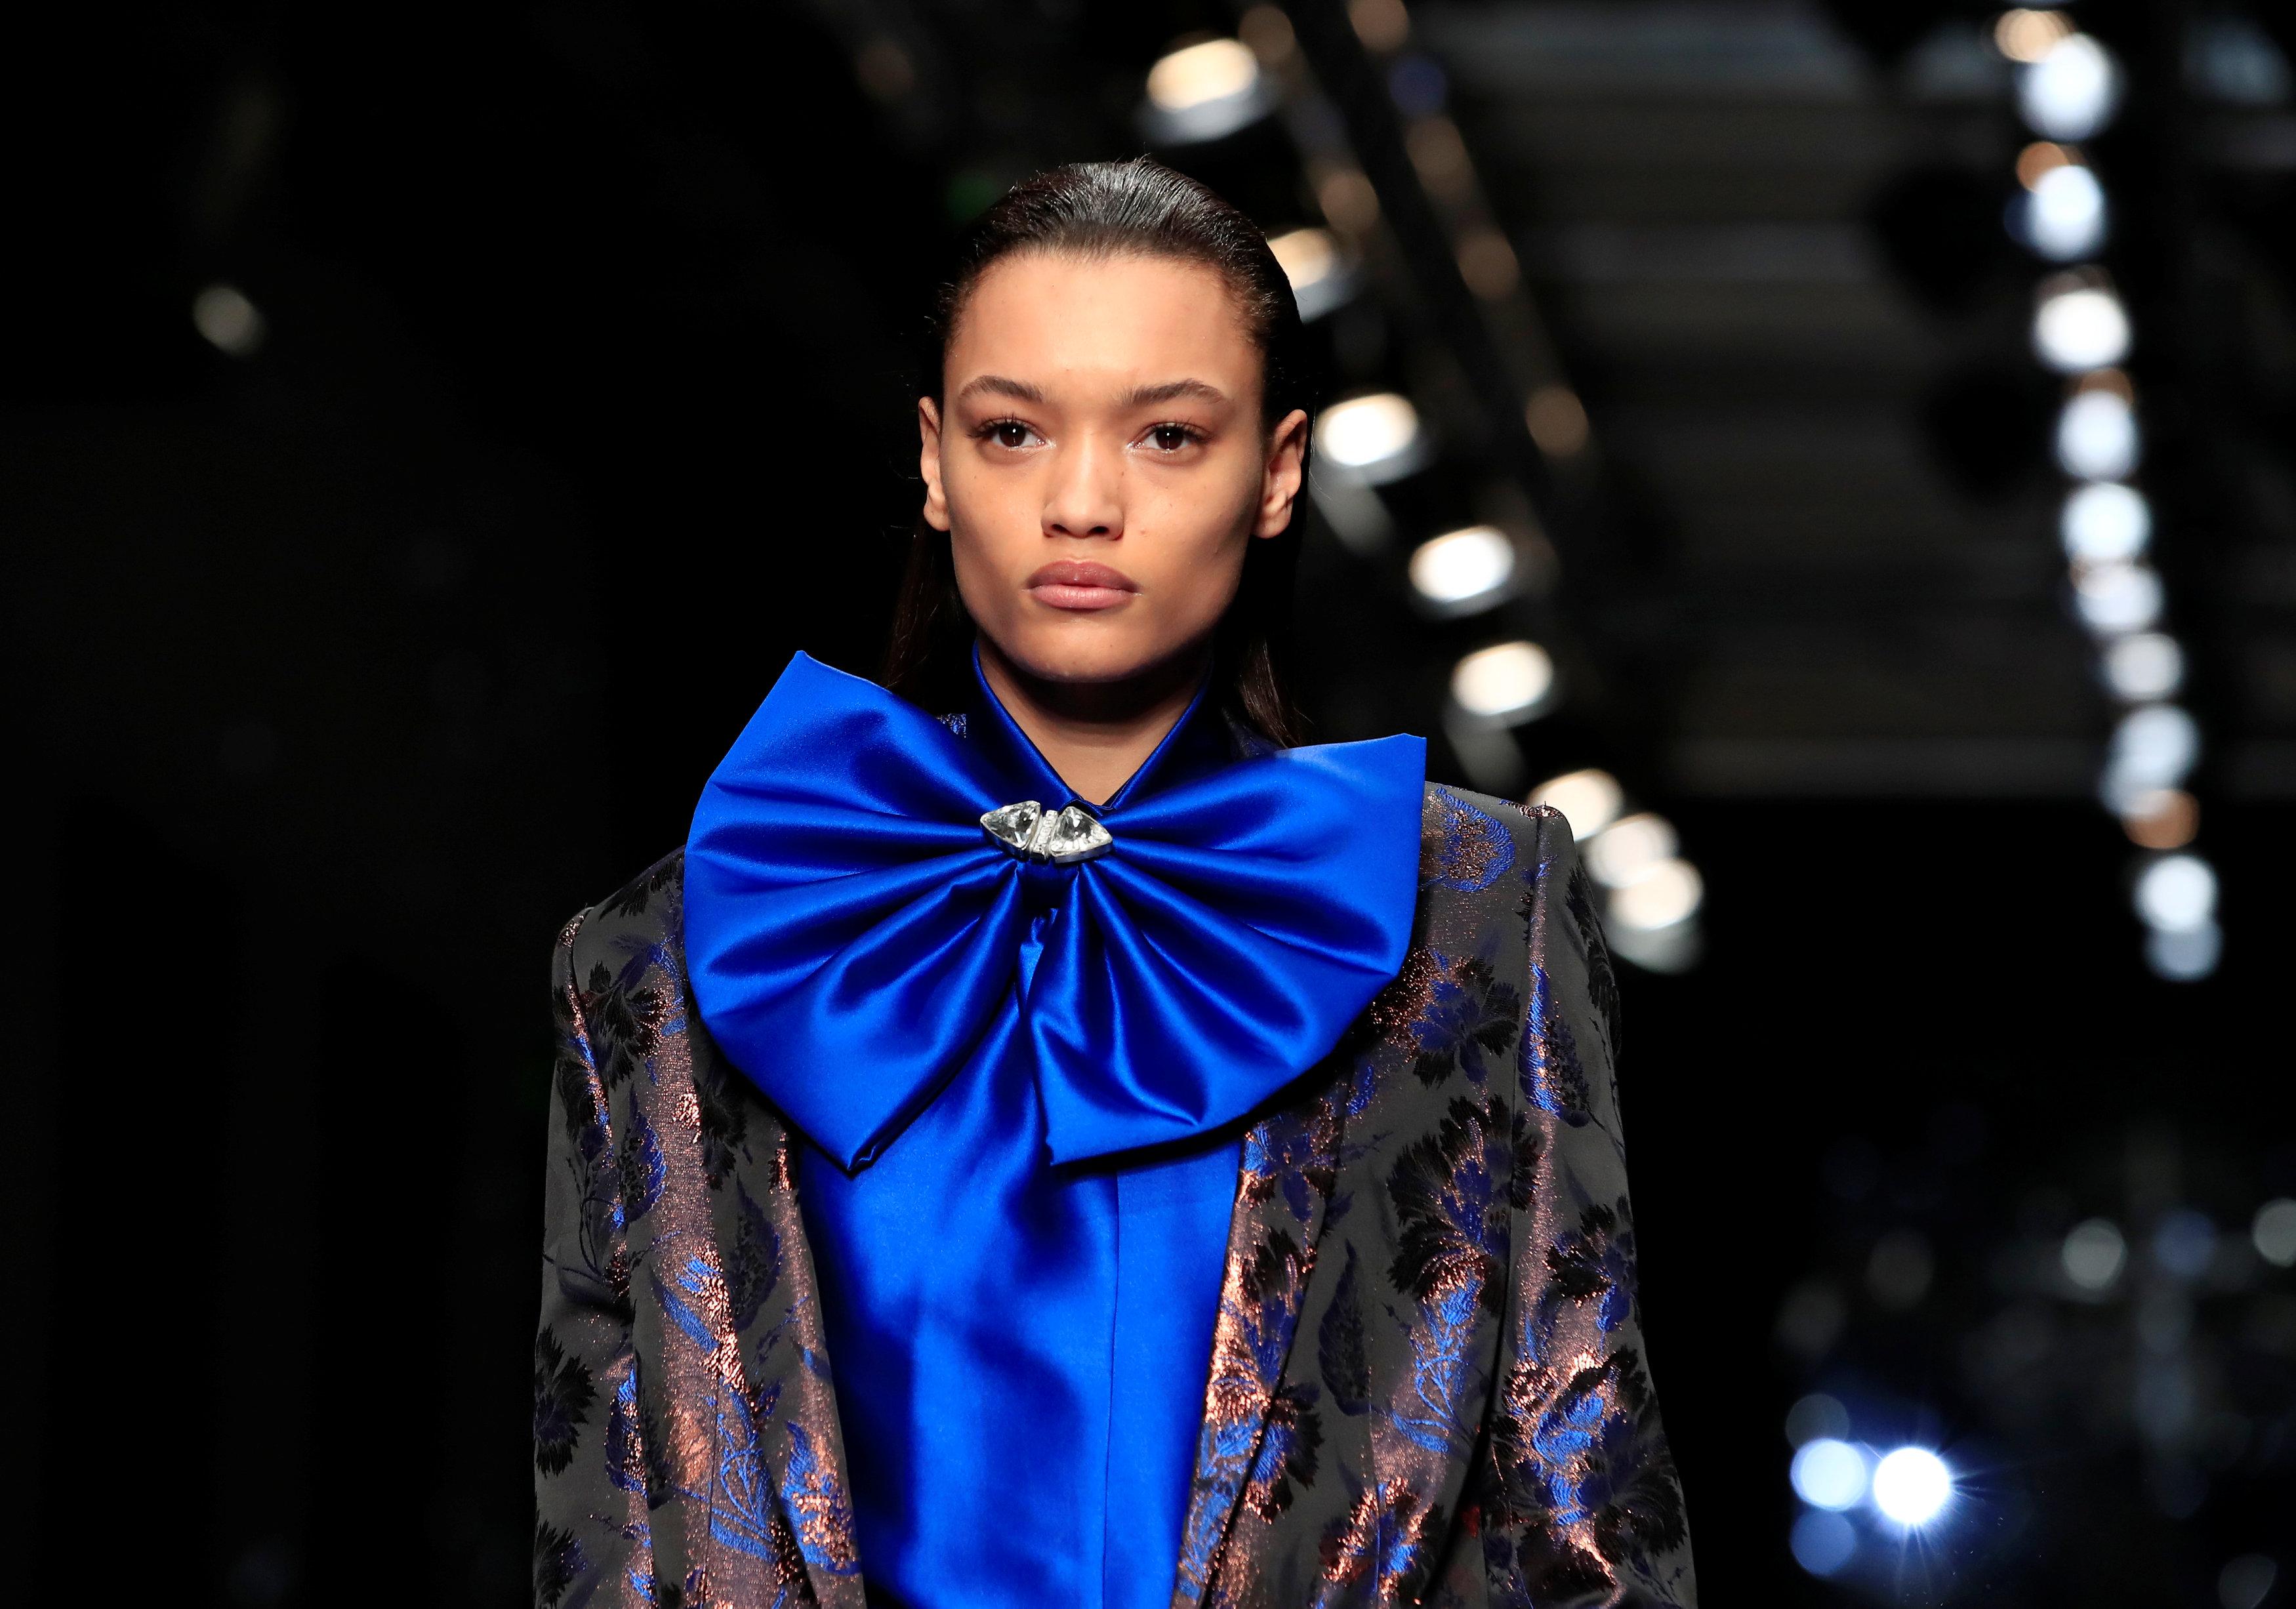 عرض أزياء ماكسيم سيمنز خلال أسبوع الموضة بباريس (19)